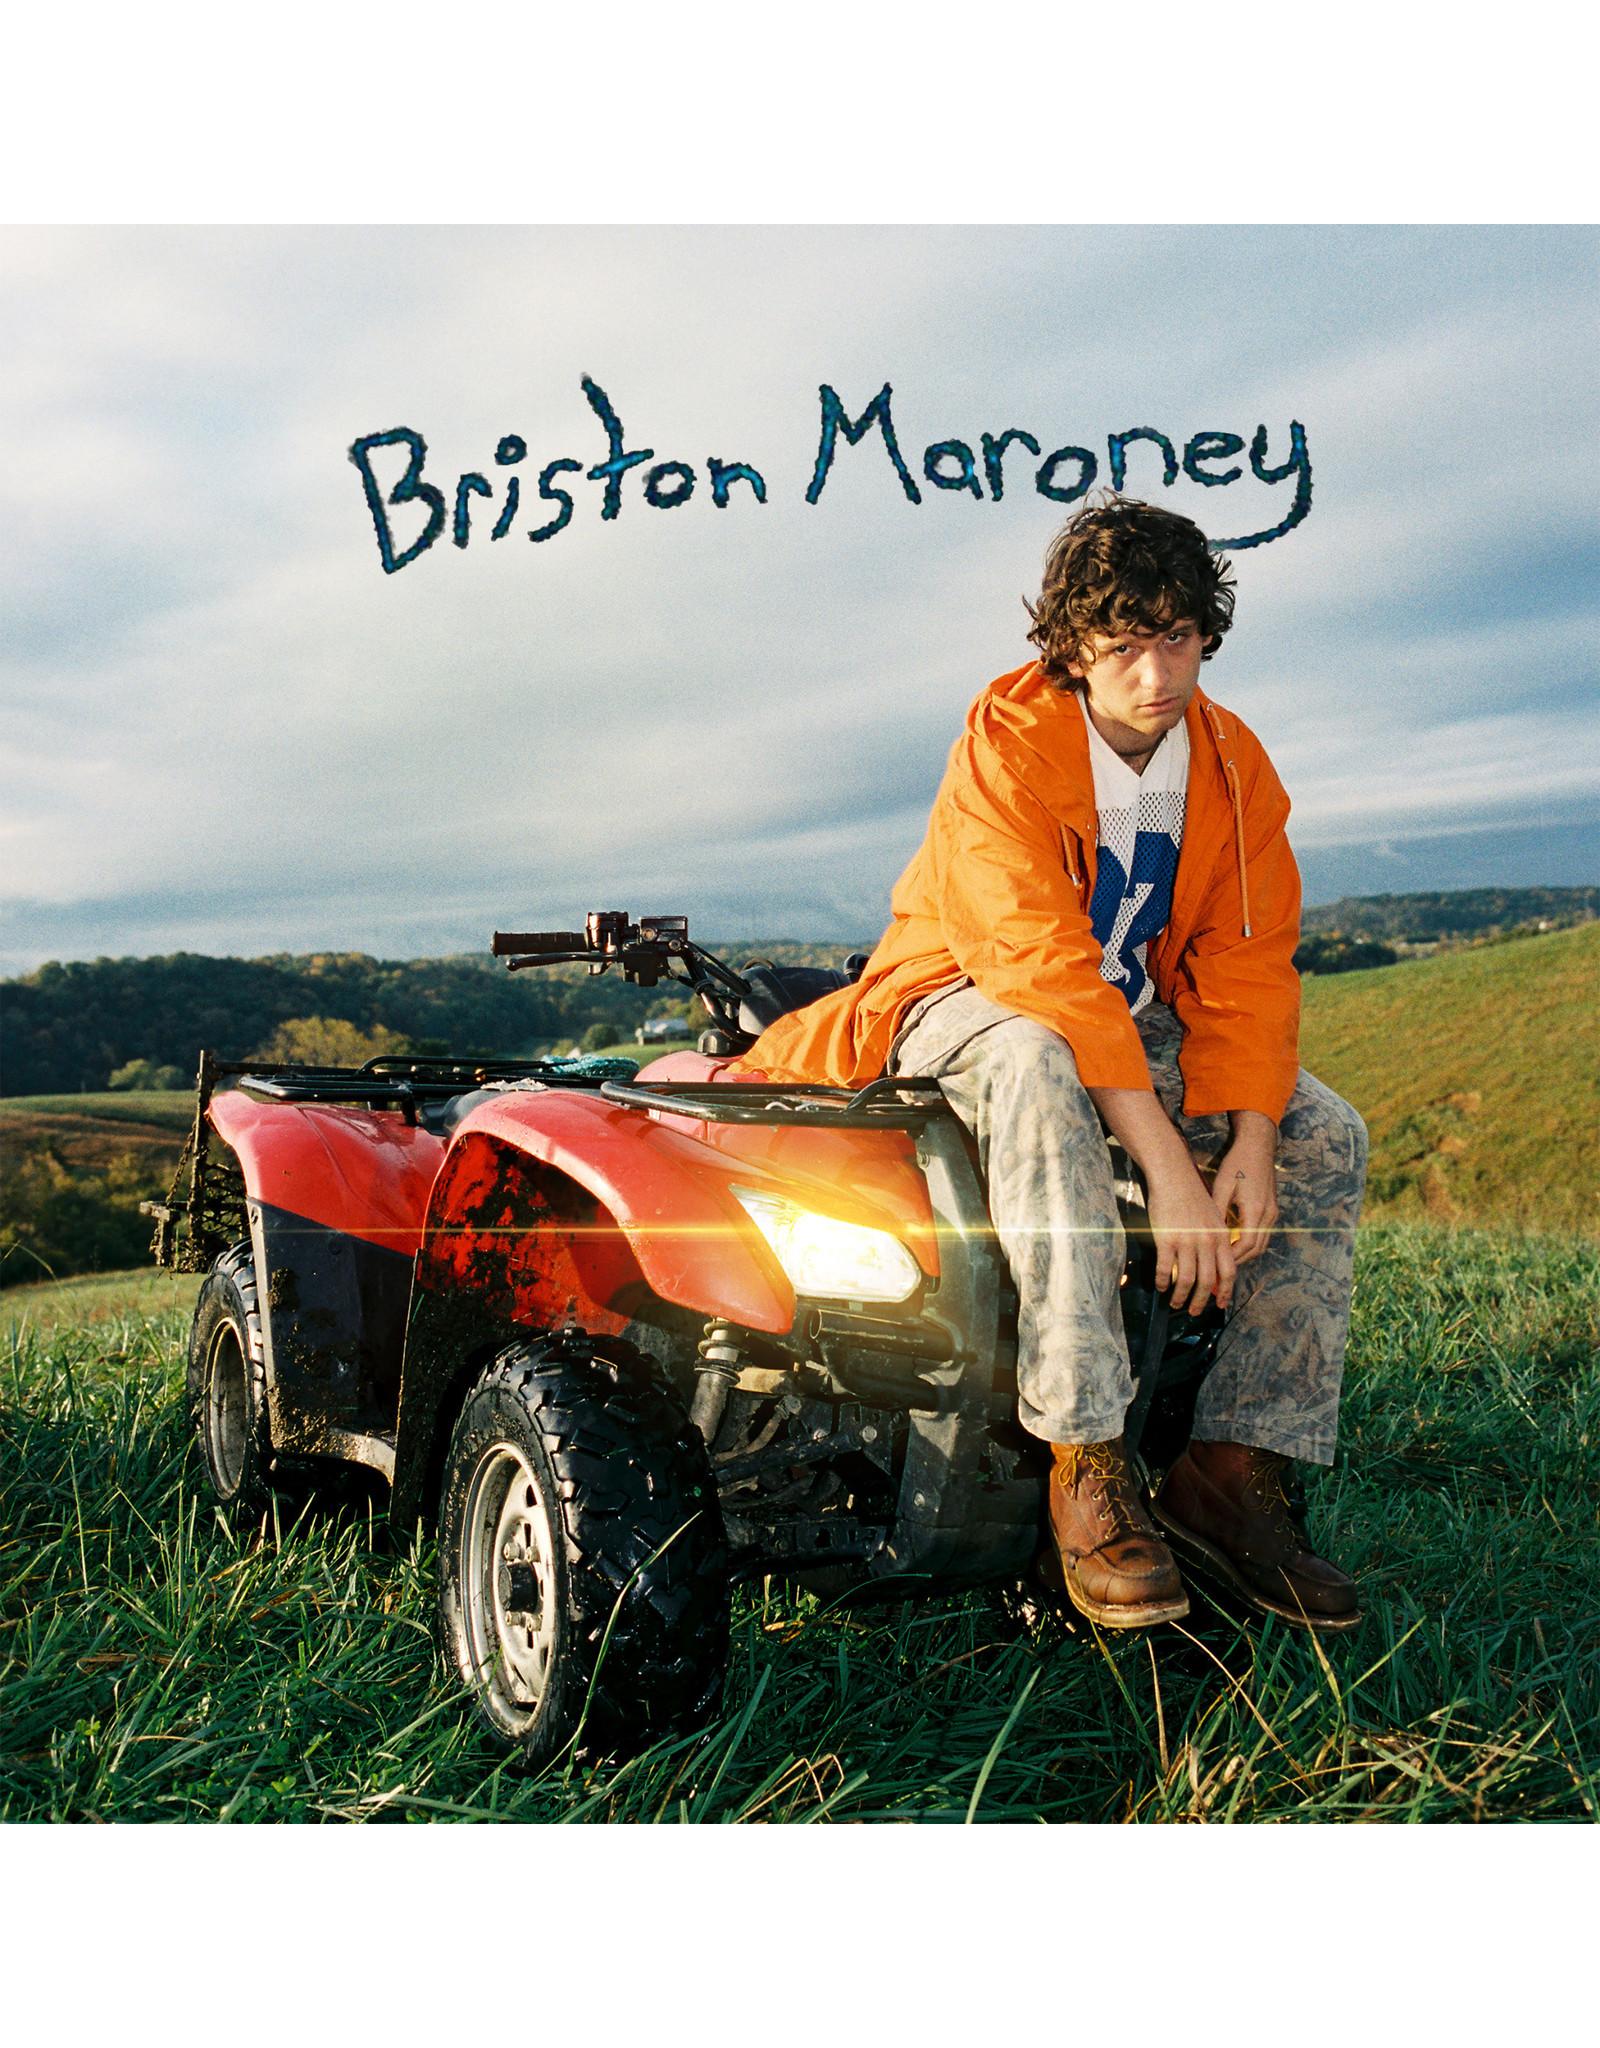 Maroney, Briston - Sunflower LP (Limited Edition Blue Vinyl)